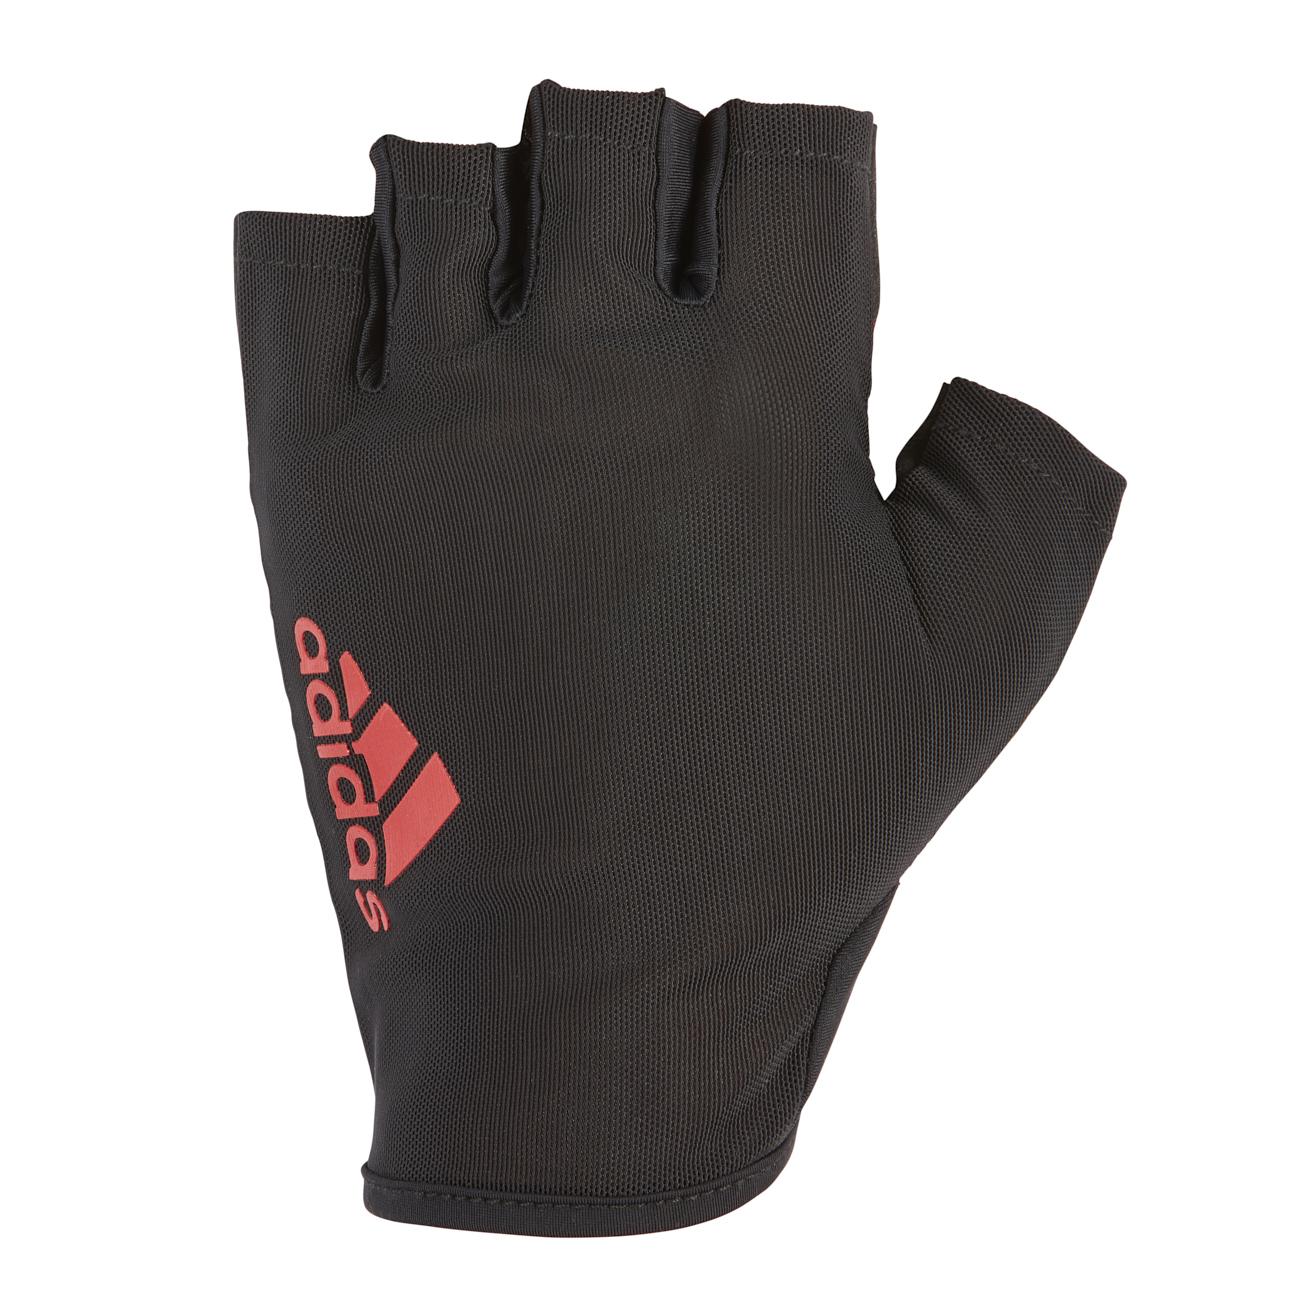 Перчатки для фитнеса Adidas ADGB-12515, красный перчатки adidas для фитнеса белые размер m adgb 12322 wh